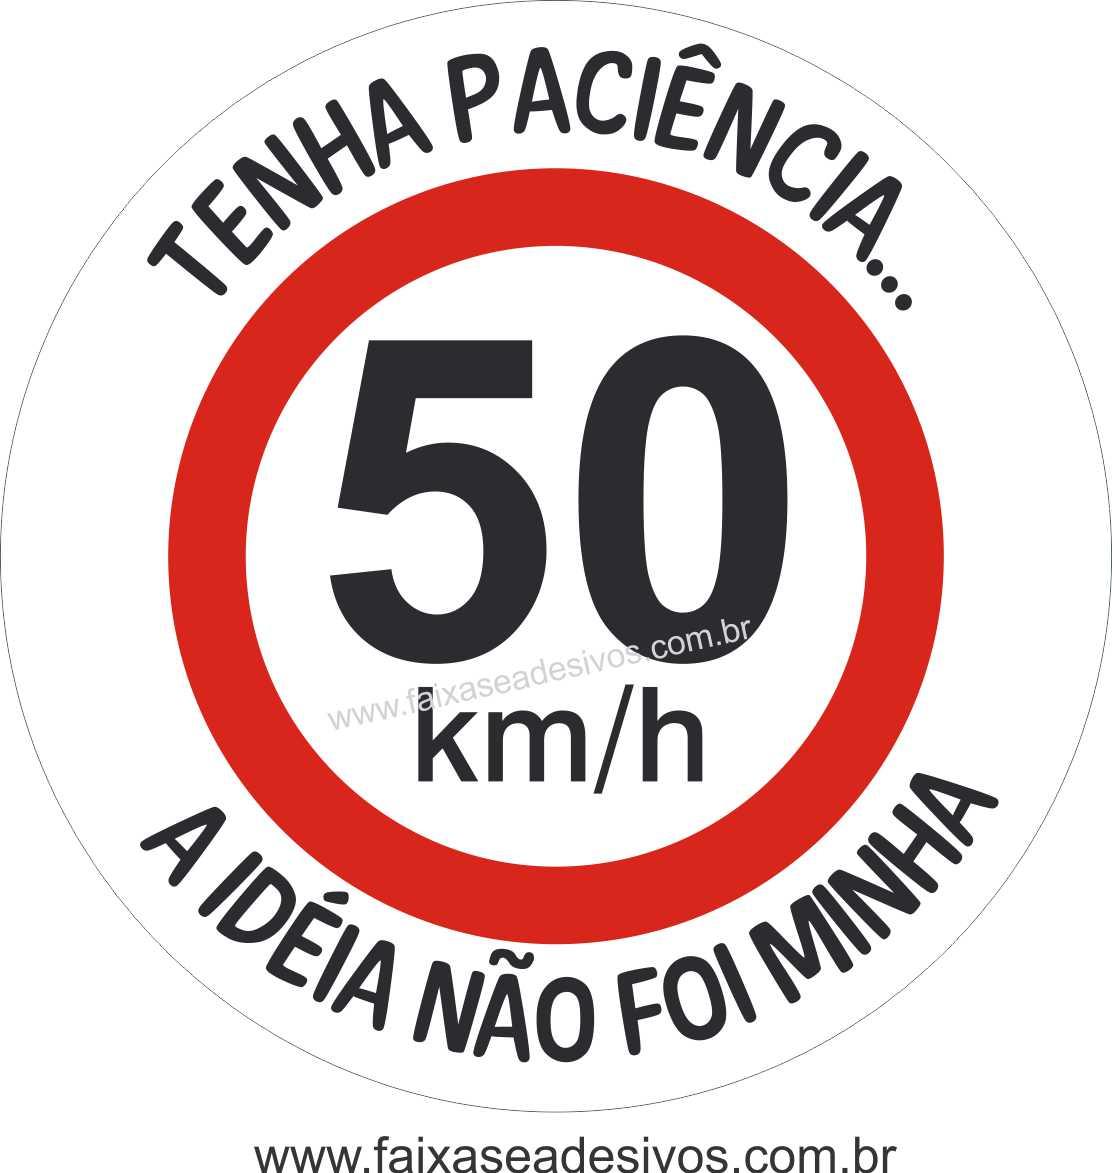 Adesivo Paciência Nova Velocidade 50km  - Fac Signs